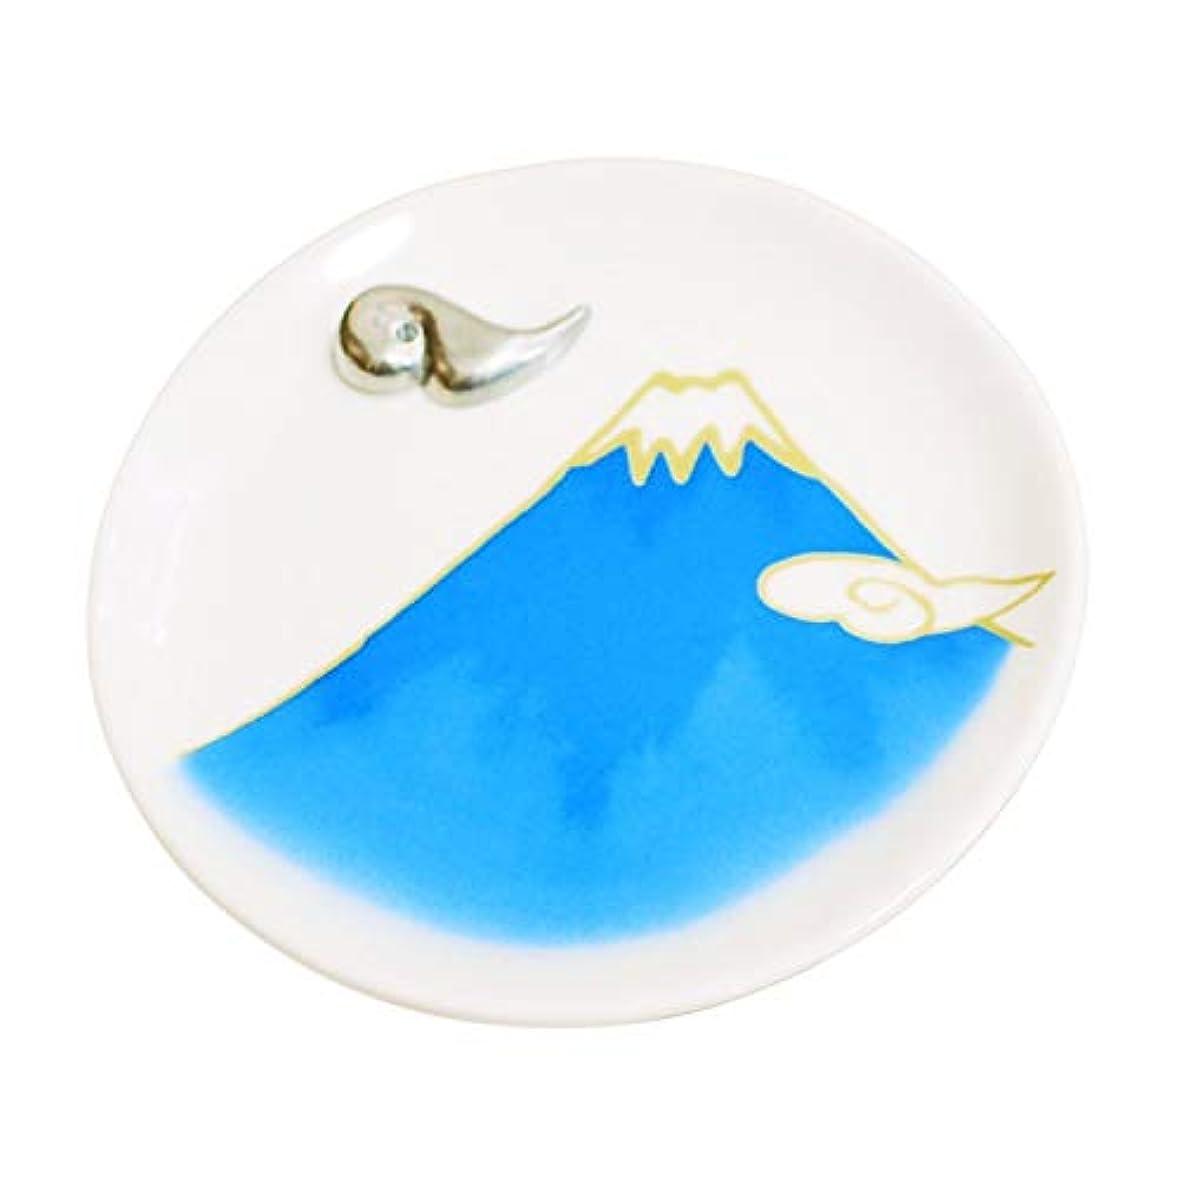 アラスカ均等にスペード香皿 富士山 ブルー 雲型香立て付 青富士 香立 お線香立て Cセット